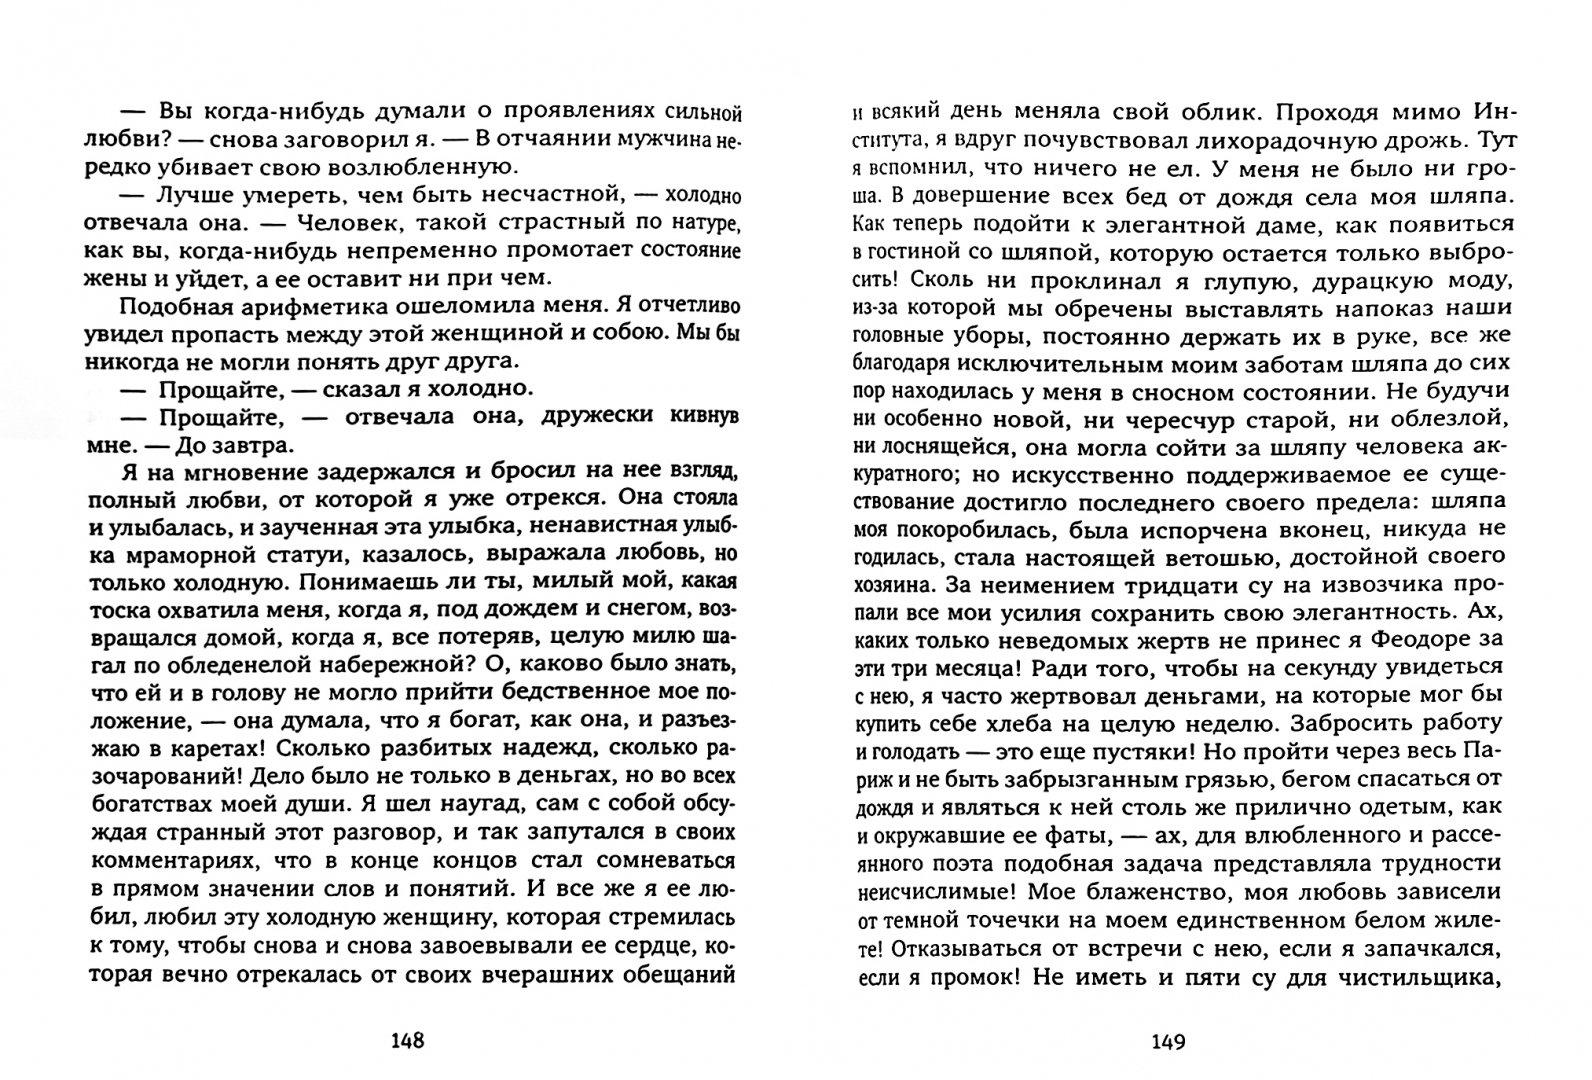 Иллюстрация 1 из 12 для Шагреневая кожа. Неведомый шедевр - Оноре Бальзак | Лабиринт - книги. Источник: Лабиринт